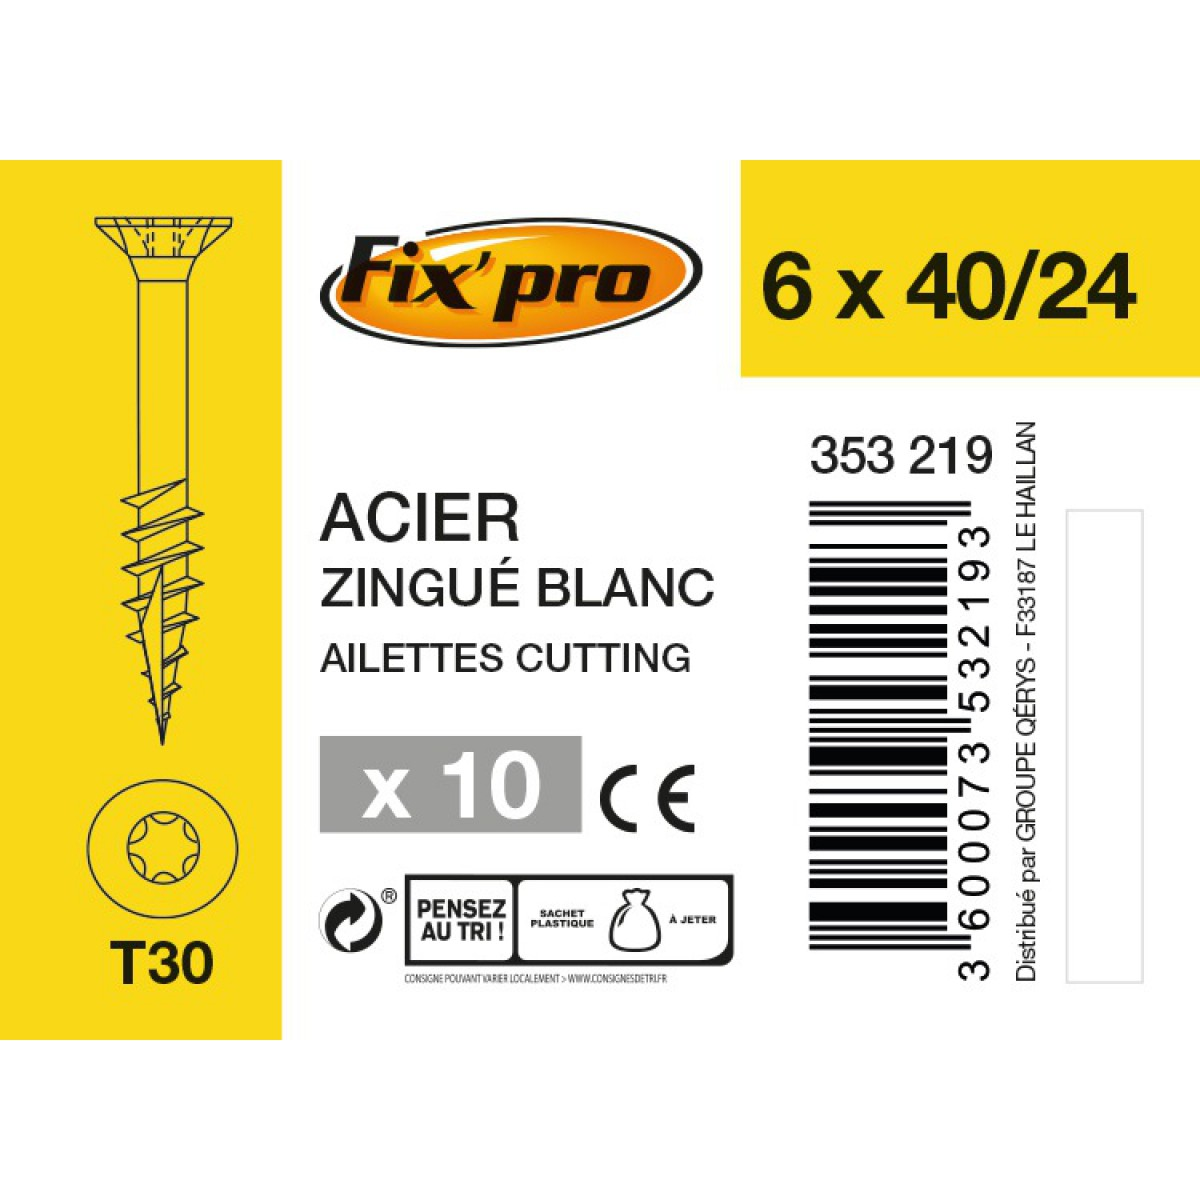 Vis à bois tête fraisée TX - 6x40/24 - 10pces - Fixpro